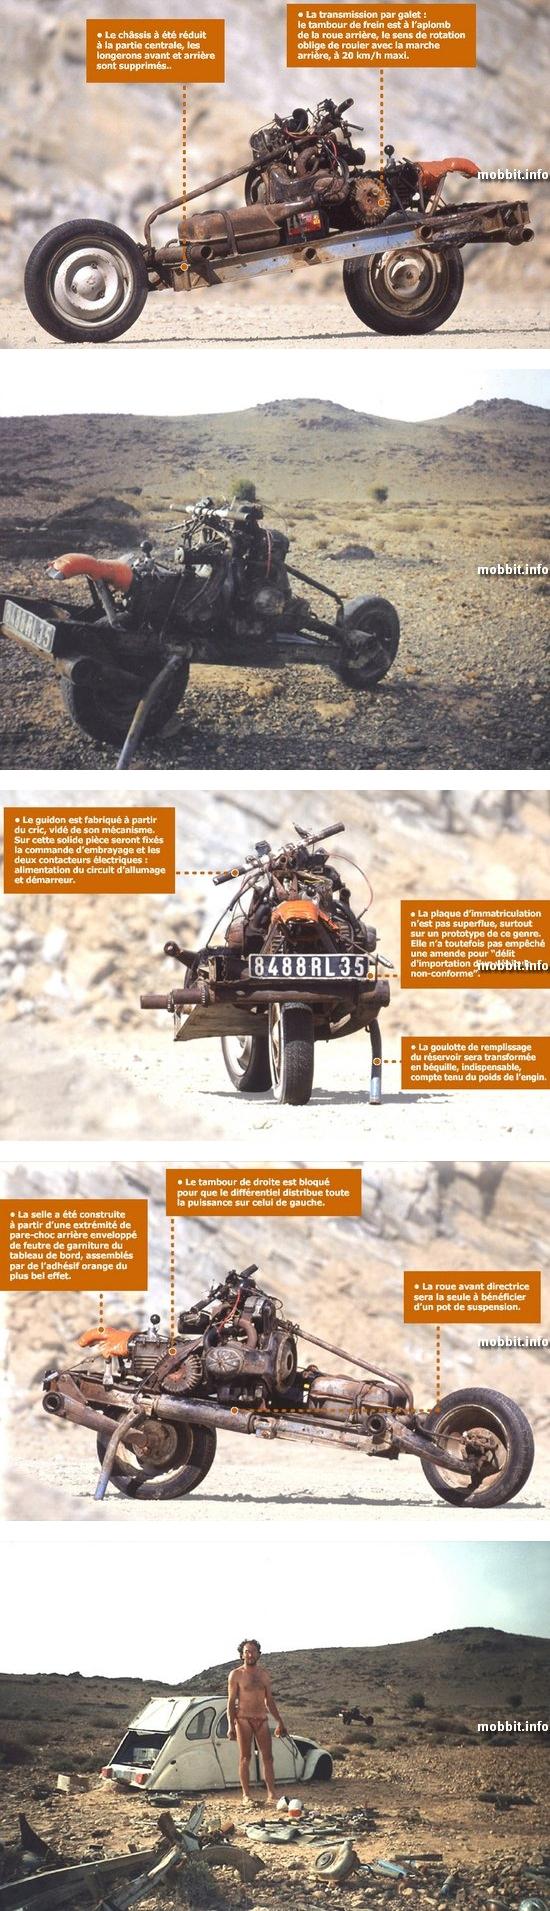 Мотоцикл в стиле Mad Max